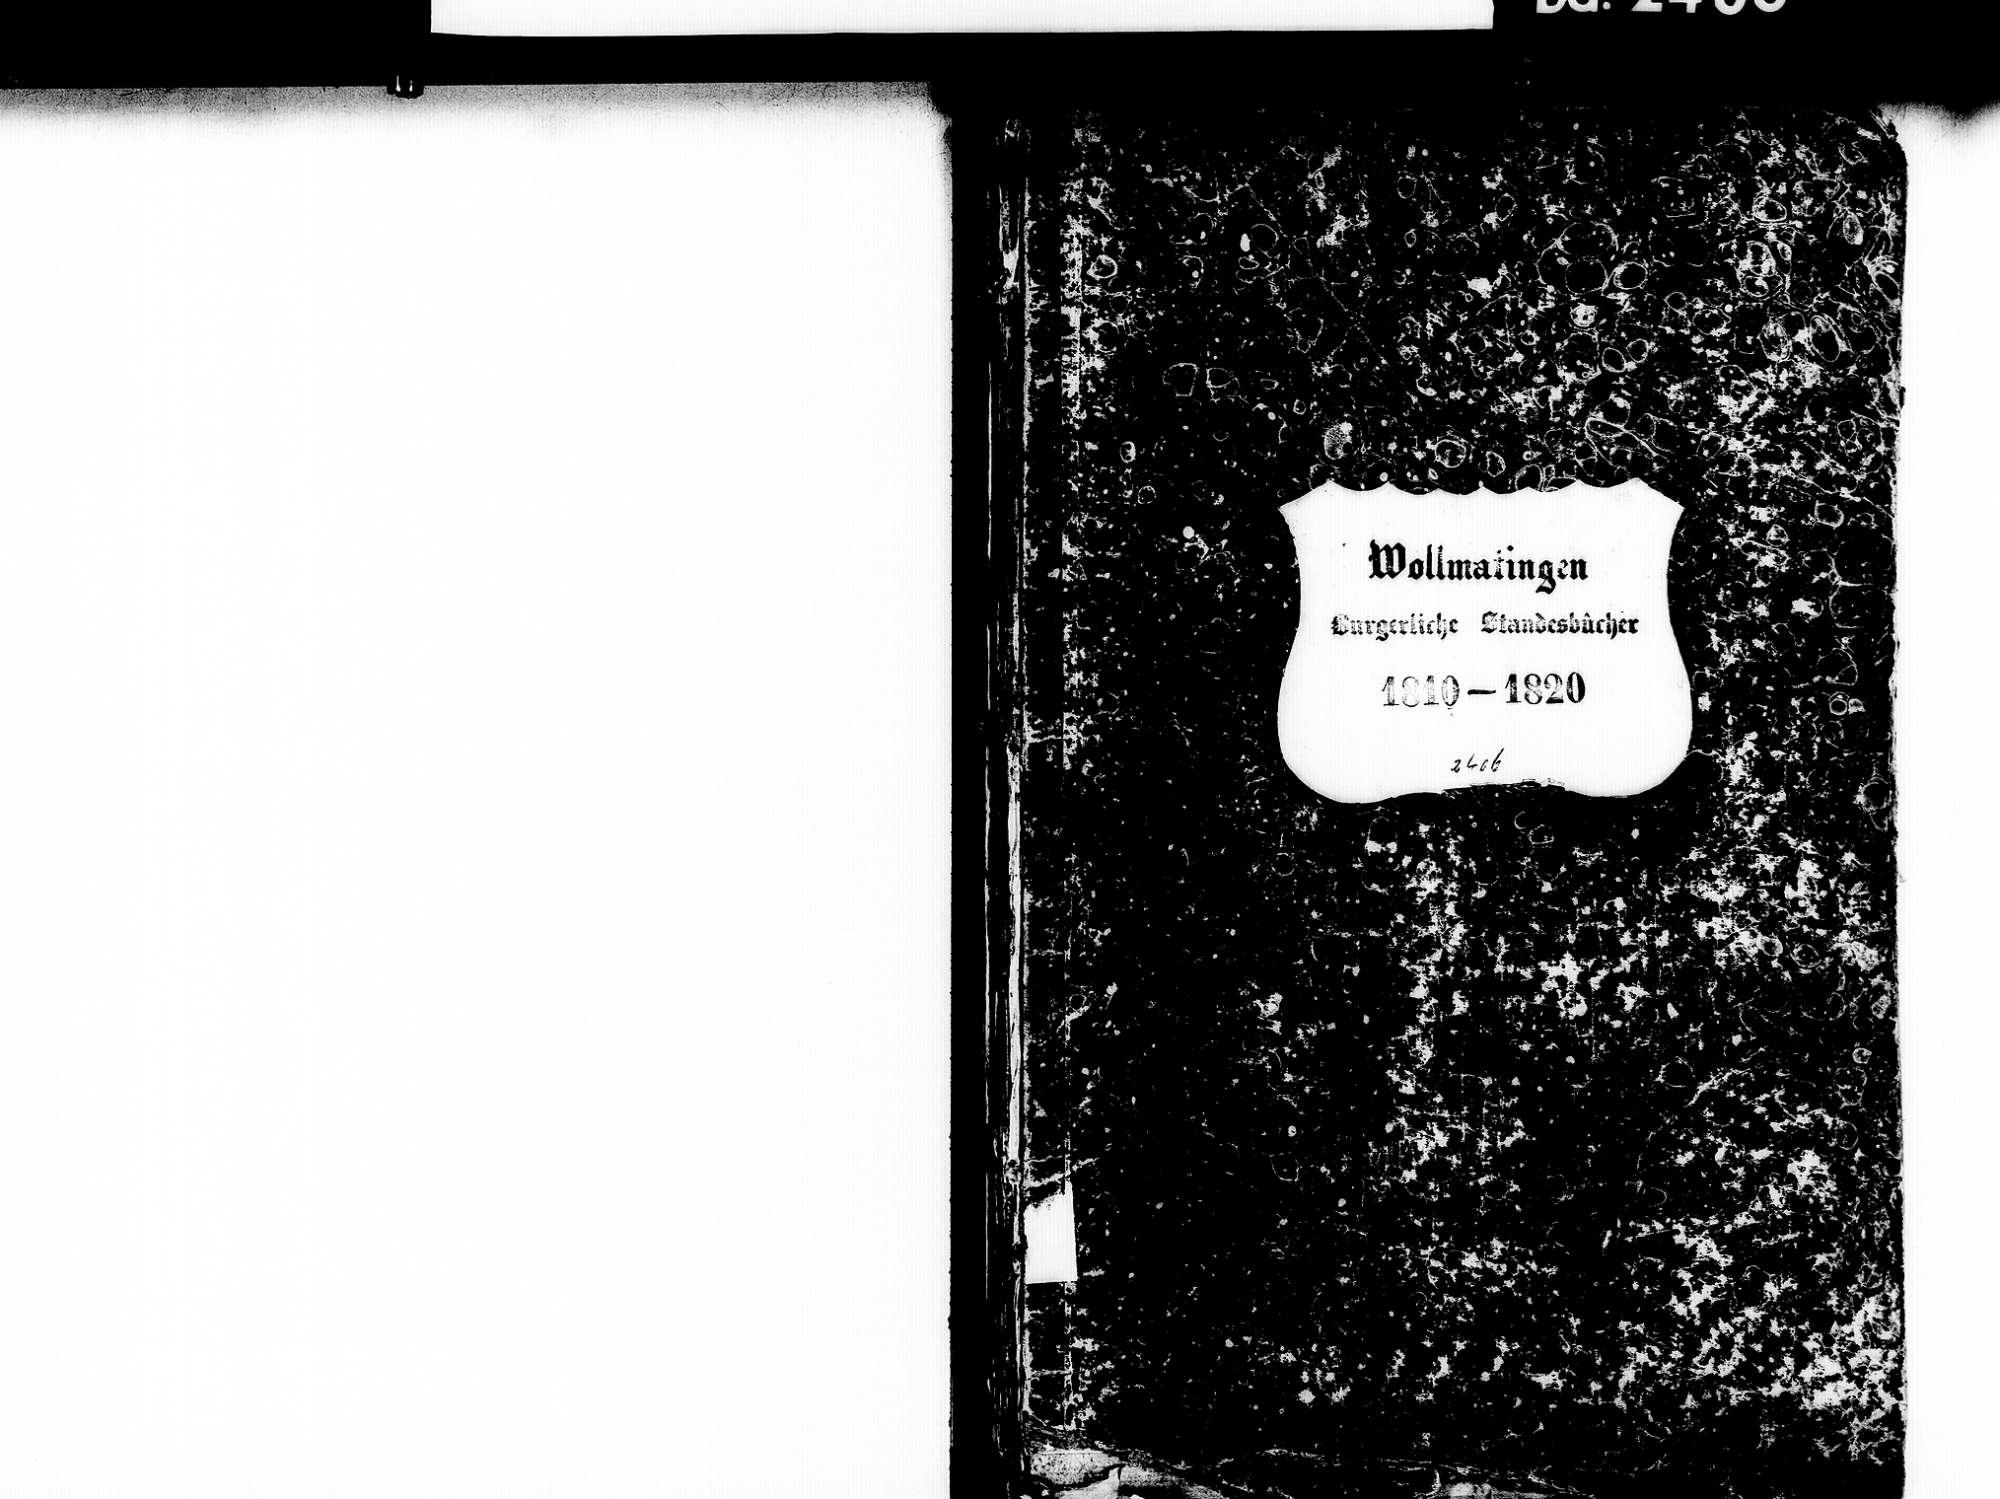 Wollmatingen, Konstanz KN; Katholische Gemeinde: Standesbuch 1810-1820, Bild 2